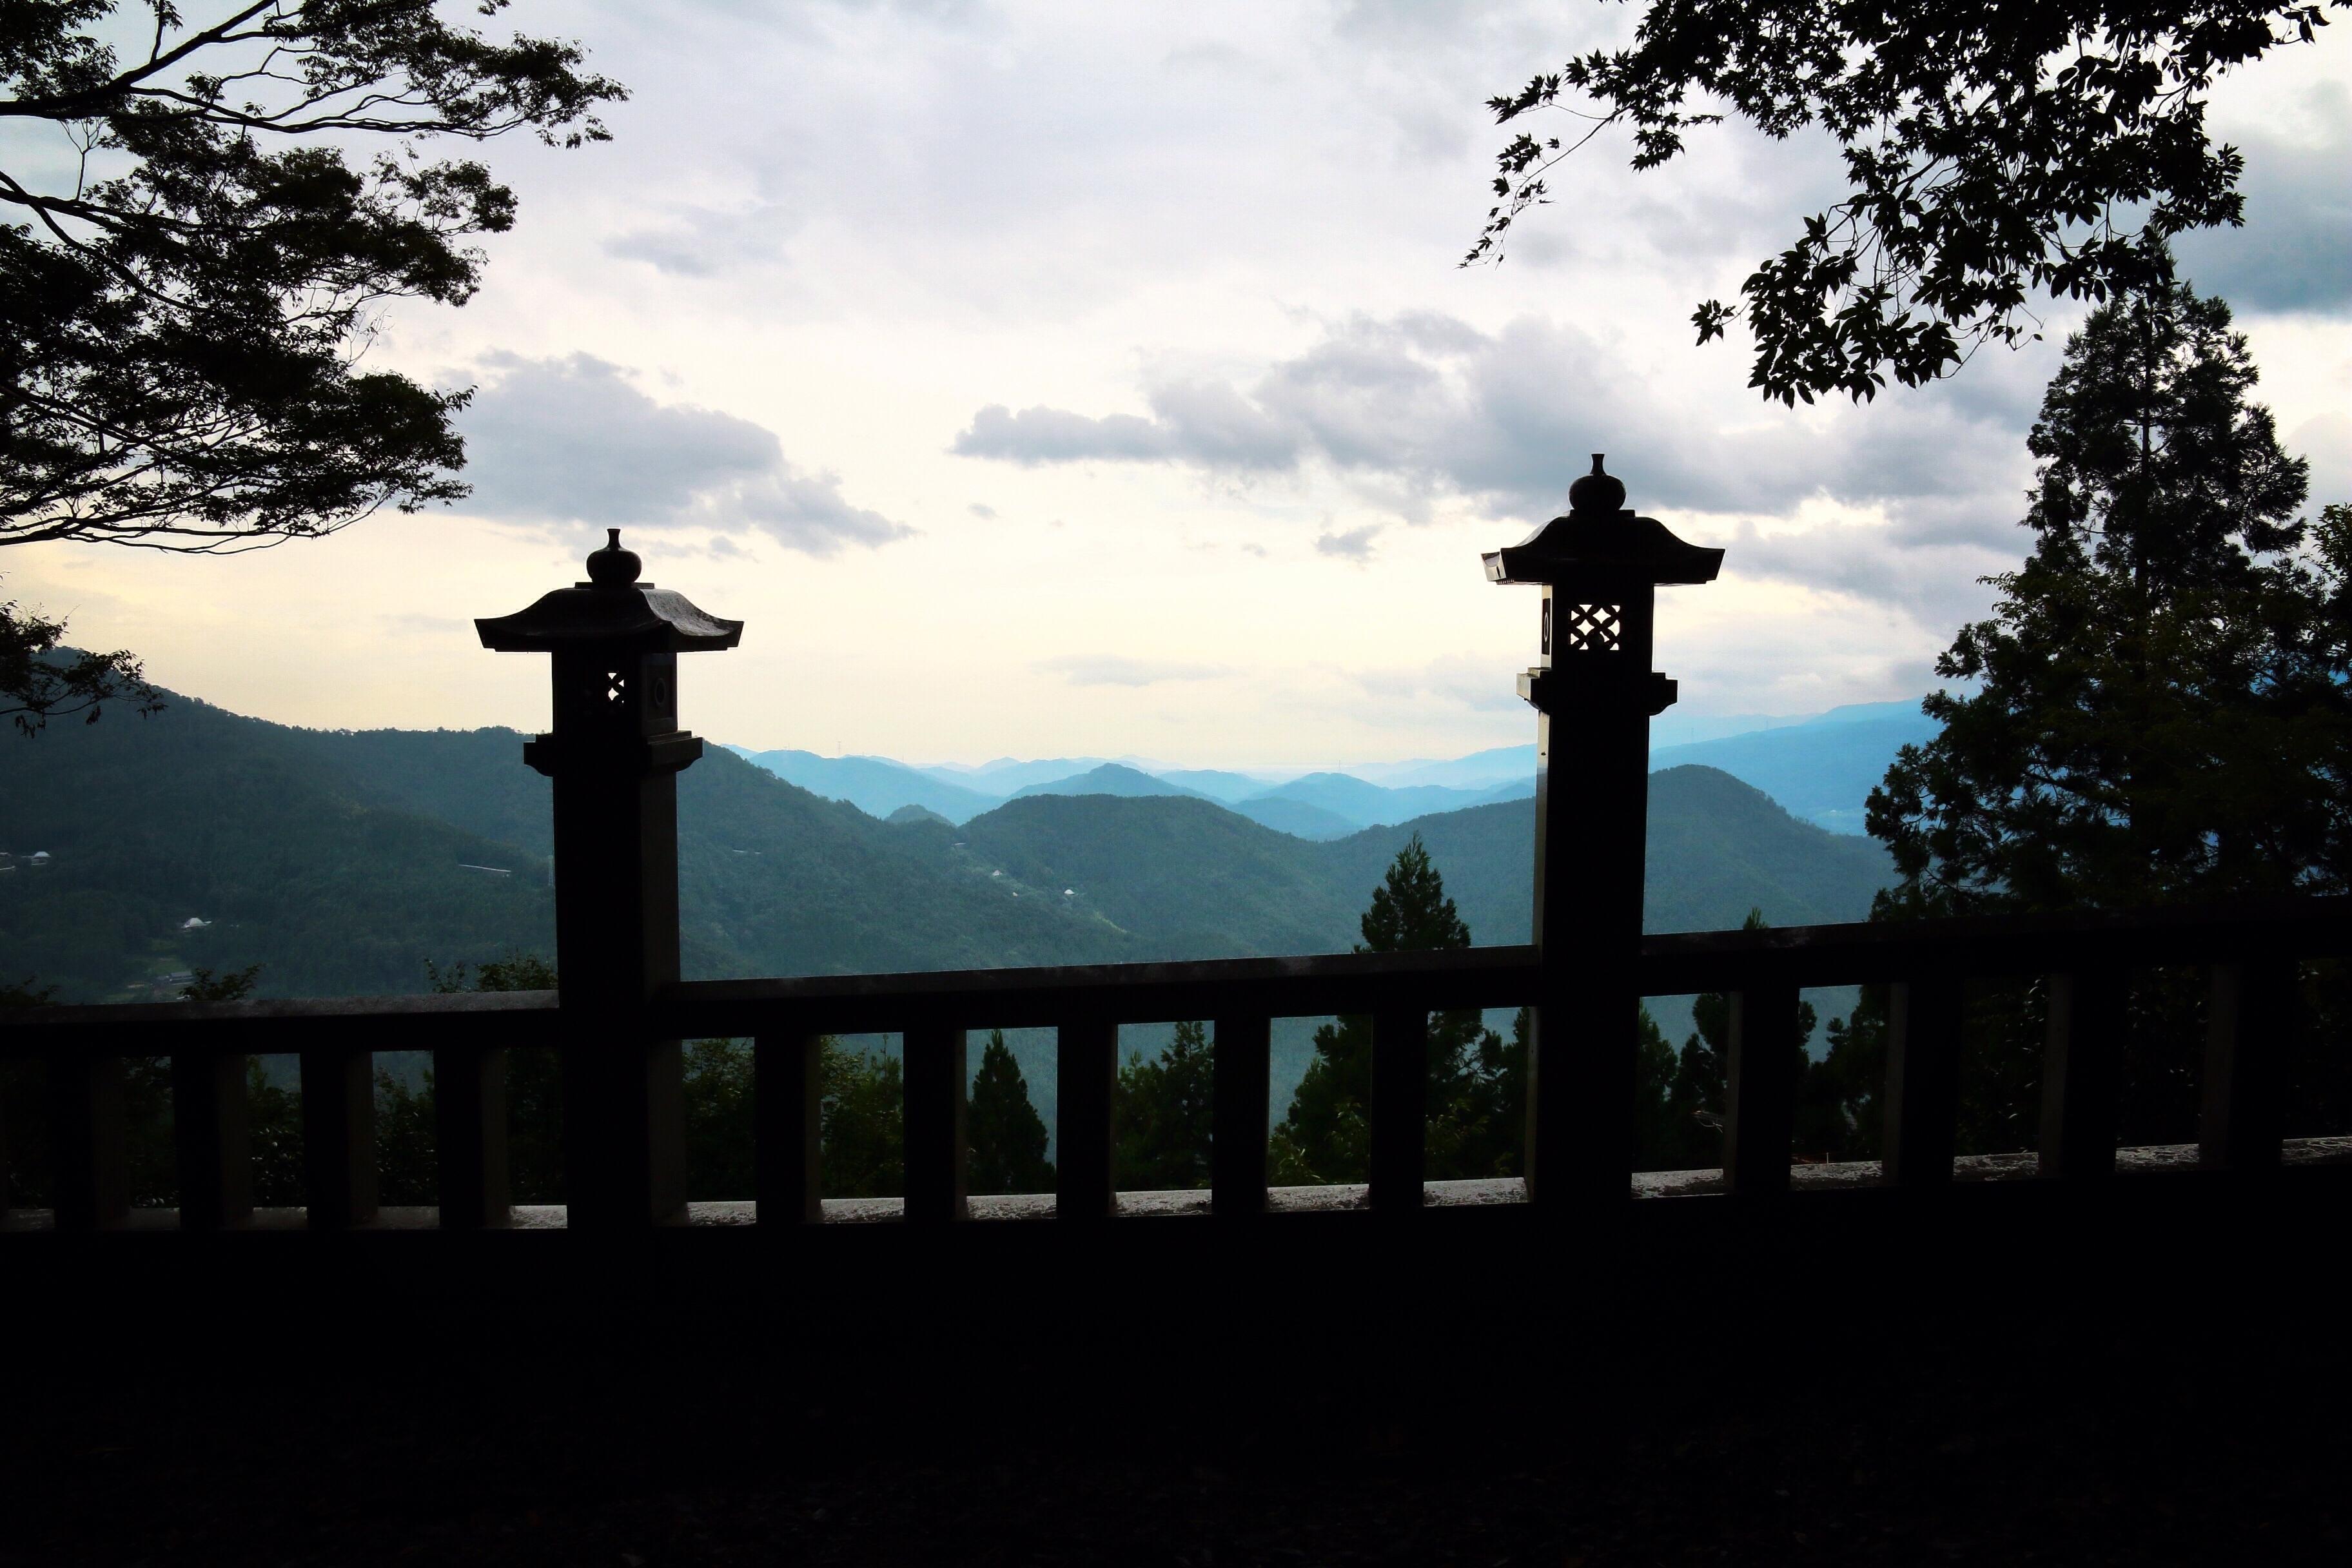 山々の景色の写真